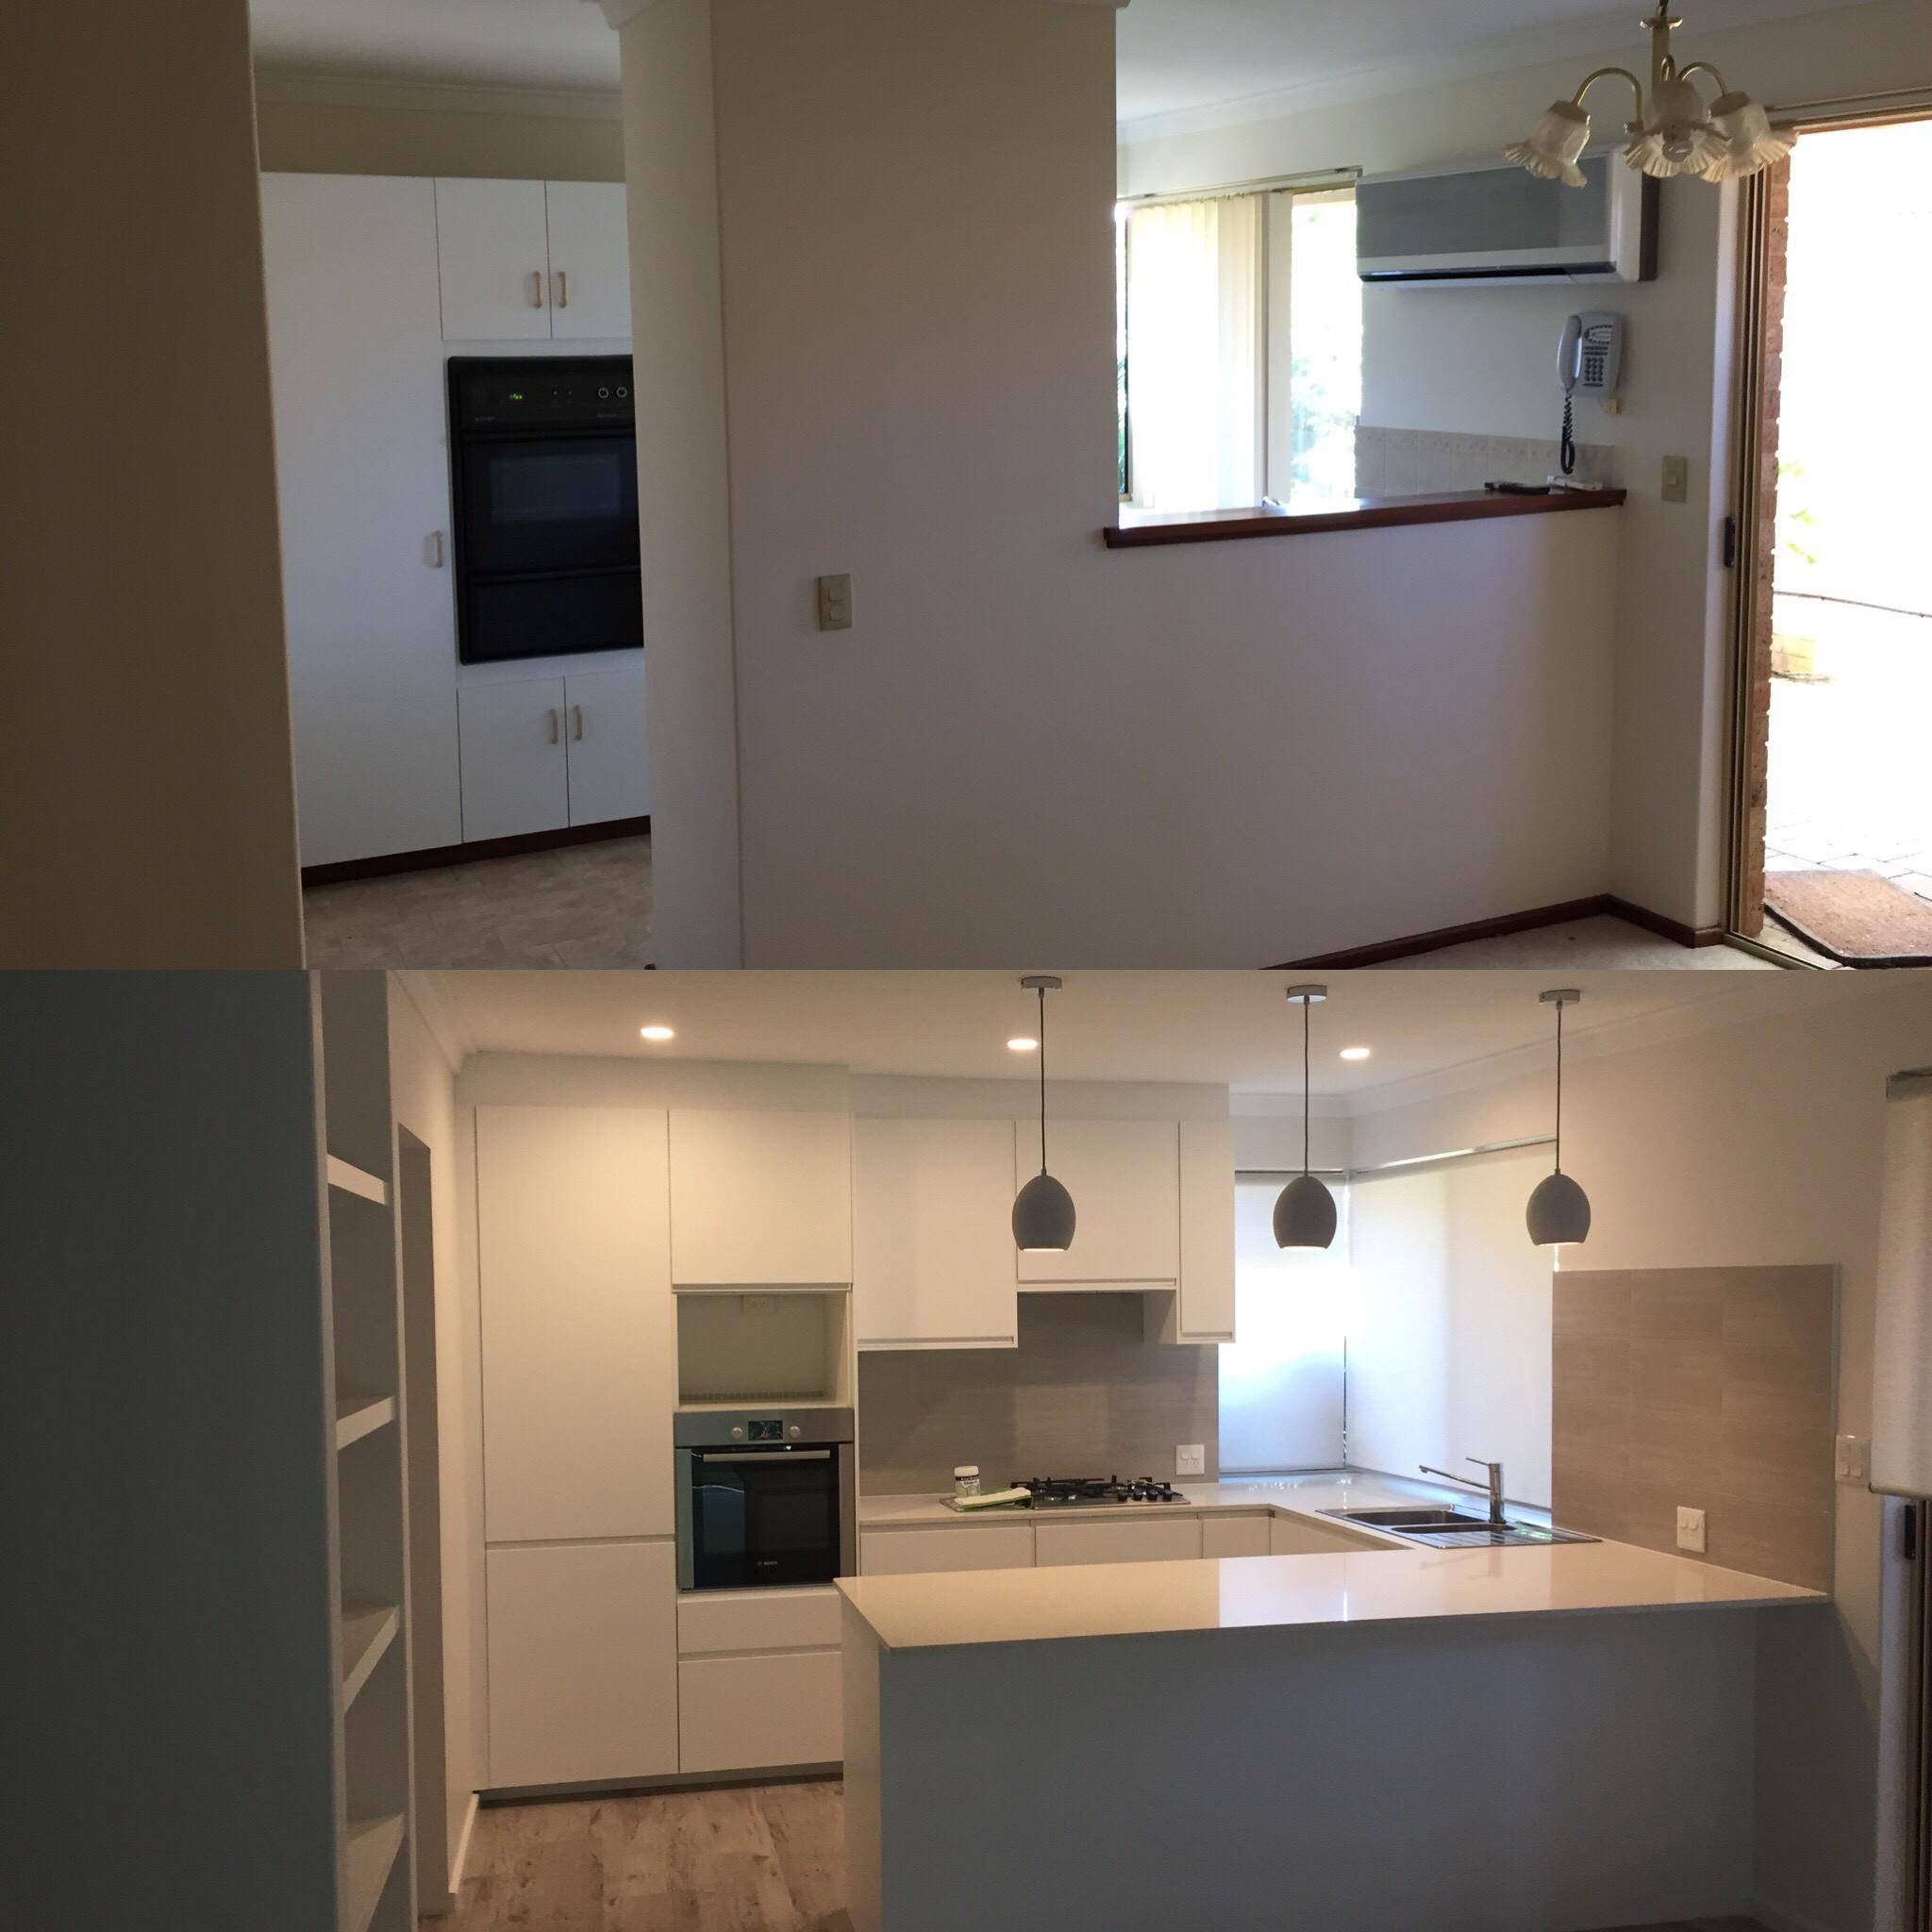 WA Property Renovations